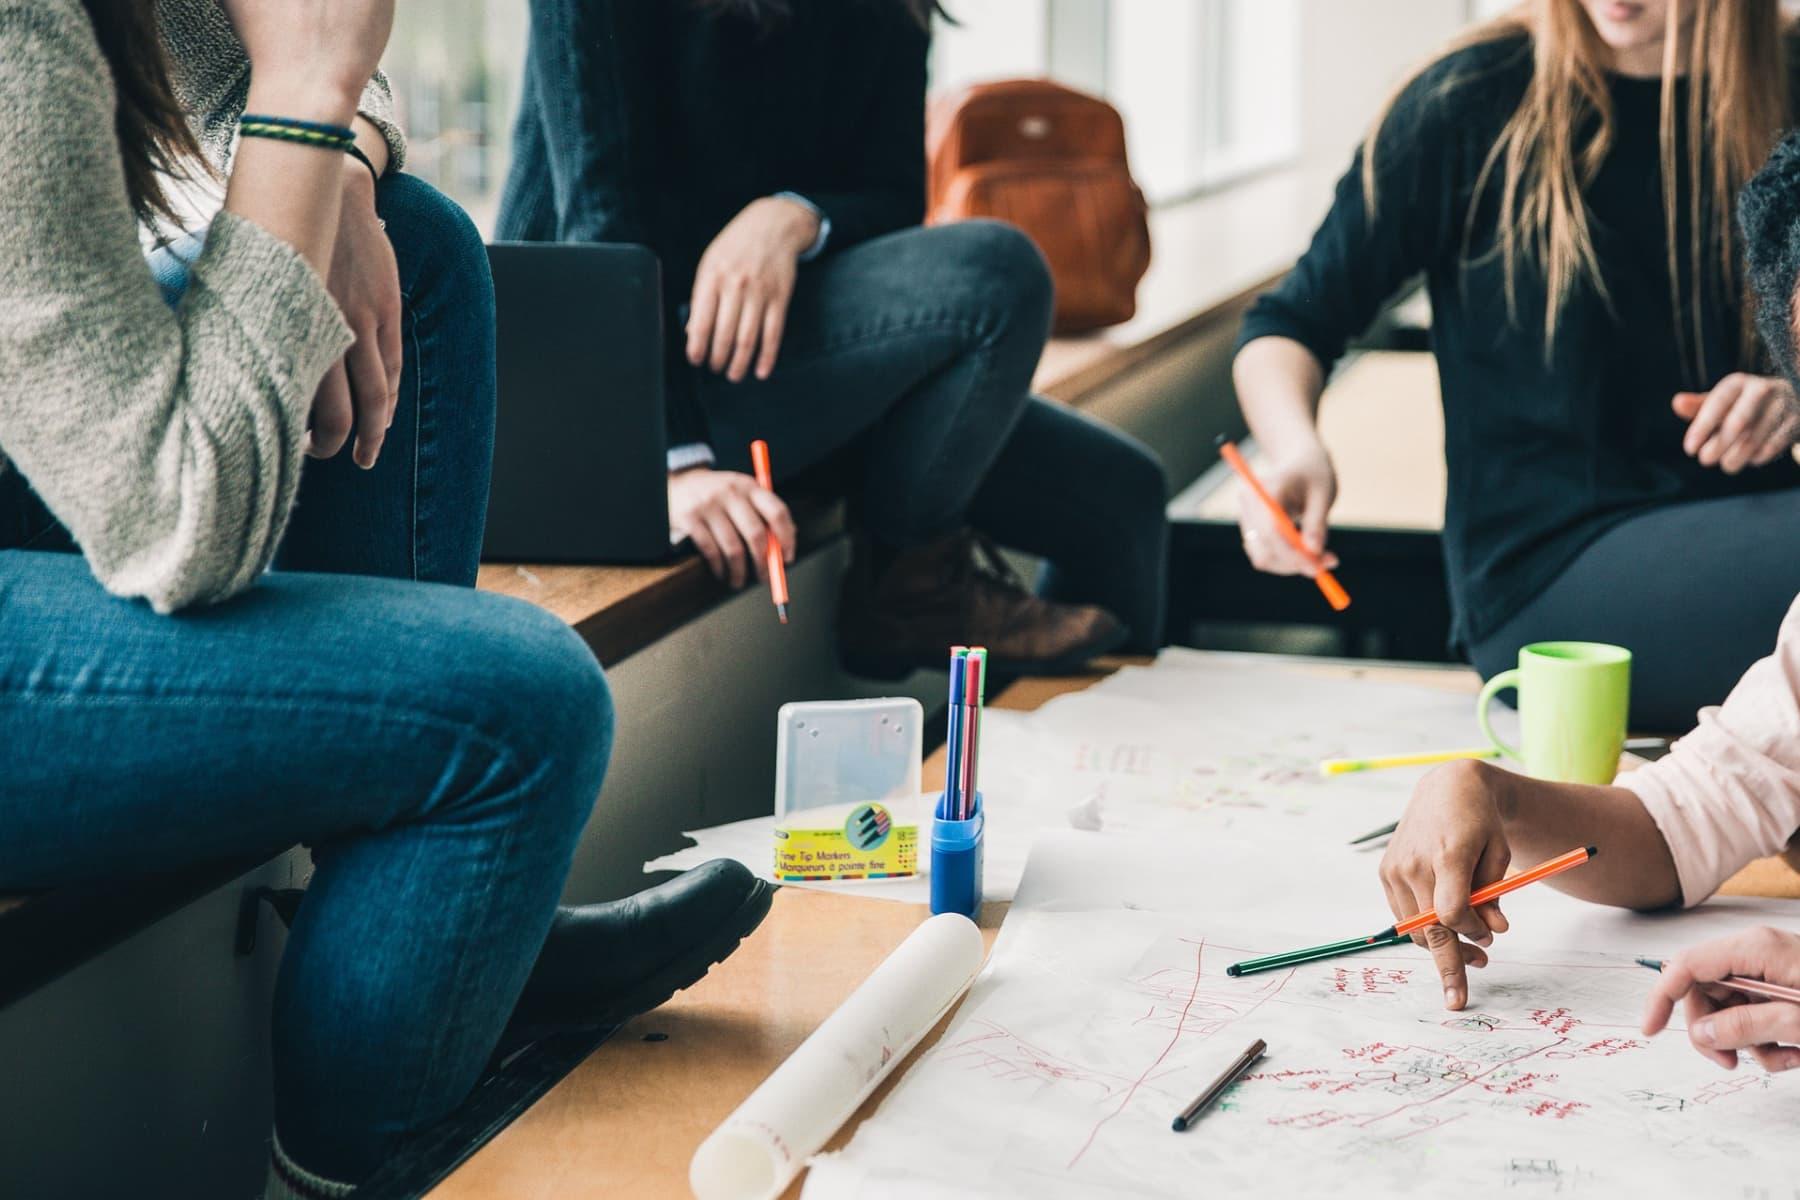 Welche Zukunftskompetenzen sind Jugendlichen wichtig?